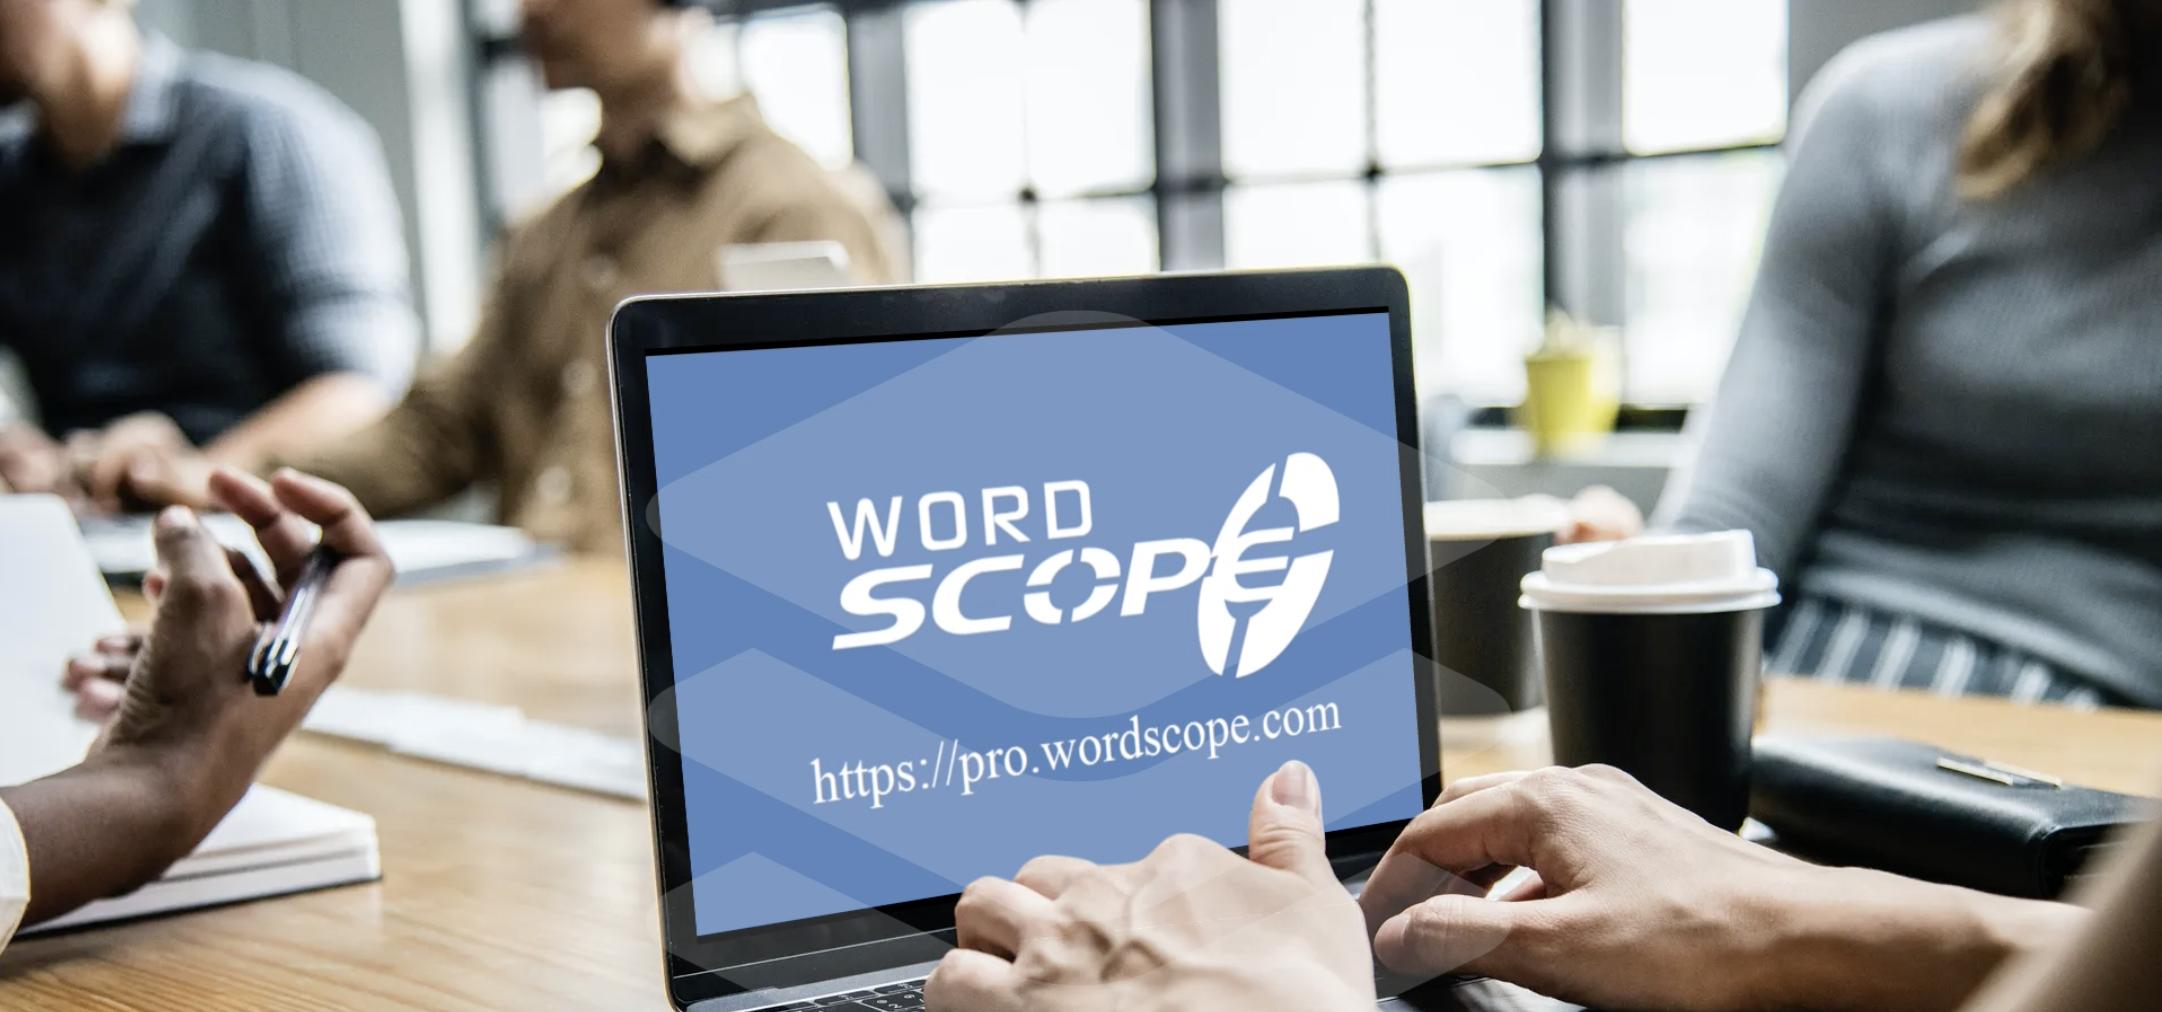 Traduisez vos documents mieux et plus rapidement